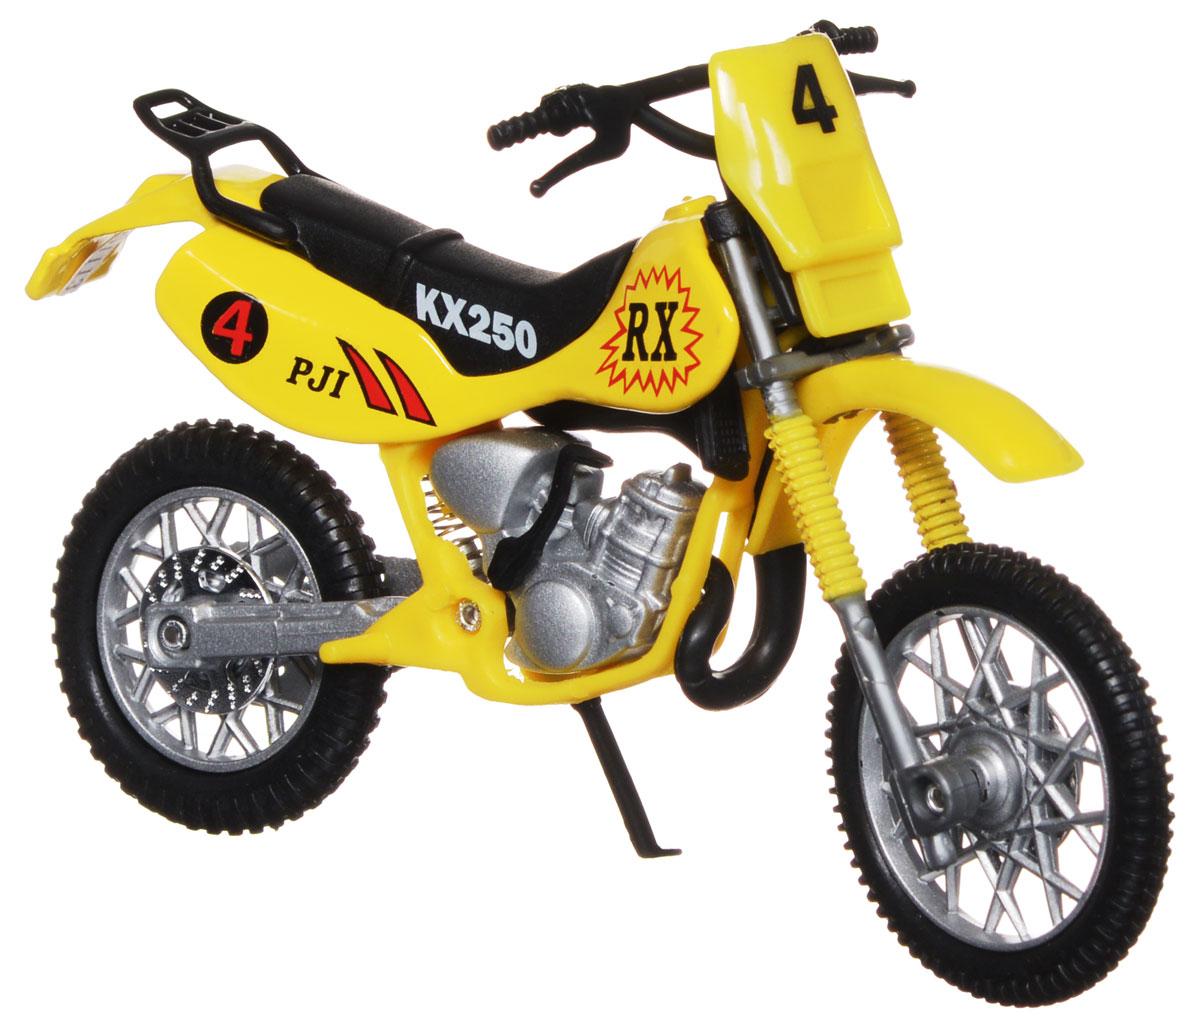 Dickie Toys Кроссовый мотоцикл № 4 цвет желтый3385773_желтый №4Кроссовый мотоцикл Dickie Toys № 4 непременно понравится любому маленькому гонщику. Мотоцикл выполнен из прочного безопасного пластика, его колесики прорезинены для лучшего сцепления с поверхностью пола. Мотоцикл оснащен откидывающейся боковой ножкой и оформлен красочными стикерами. Яркий, реалистичный мотоцикл, выполненный с вниманием к деталям, станет отличным дополнением к автопарку вашего малыша! Ваш ребенок часами будет играть с такой игрушкой, придумывая различные истории и устраивая соревнования. Порадуйте его таким замечательным подарком!